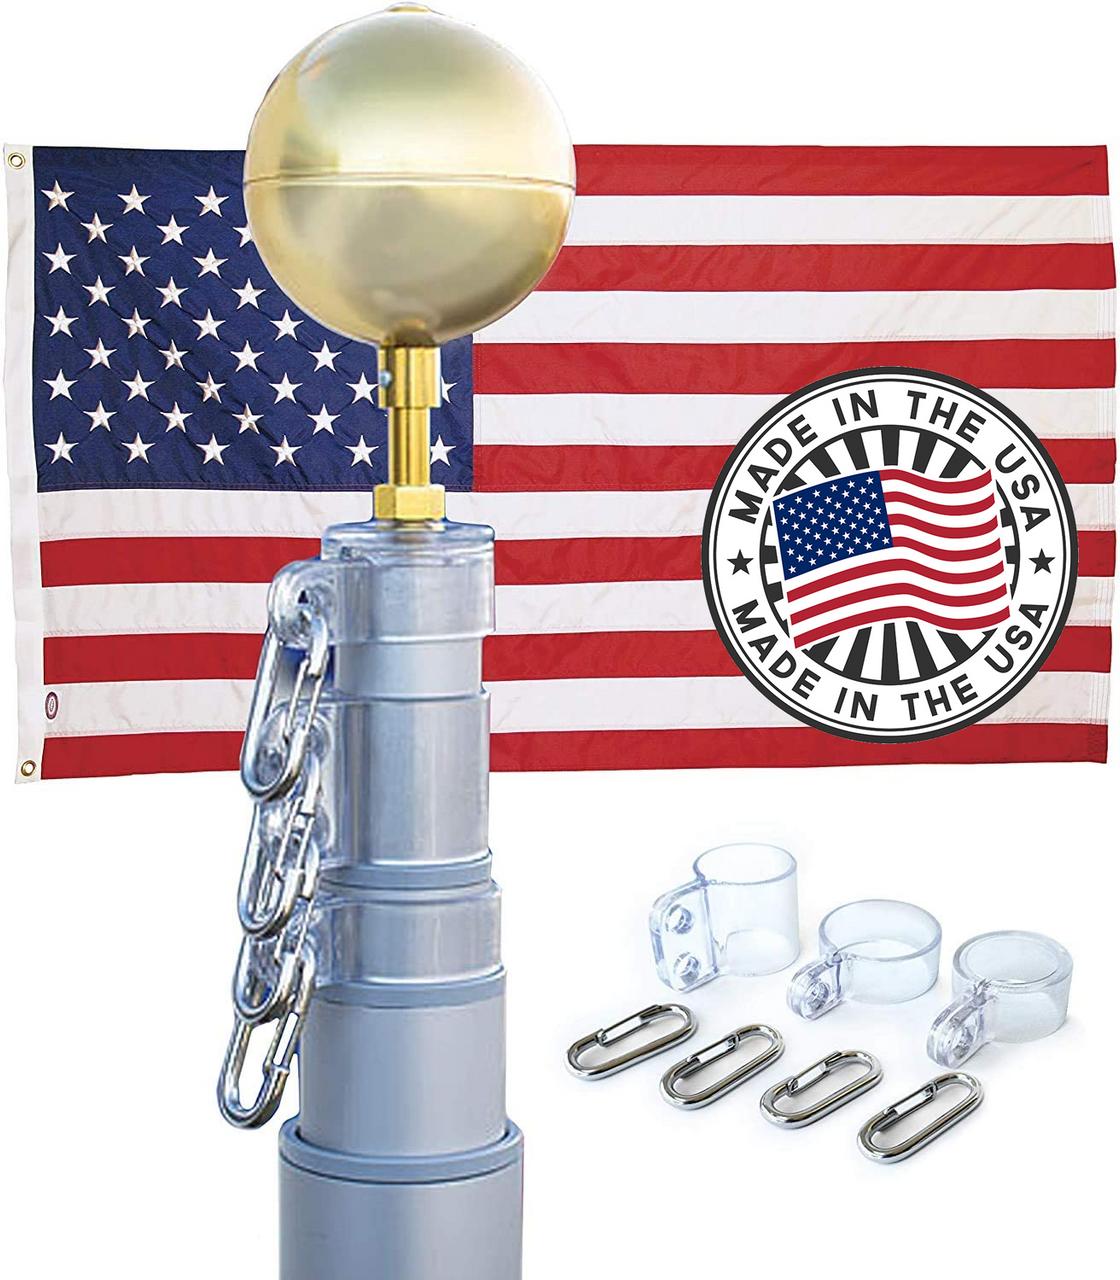 20' American Elite Telescoping Pole